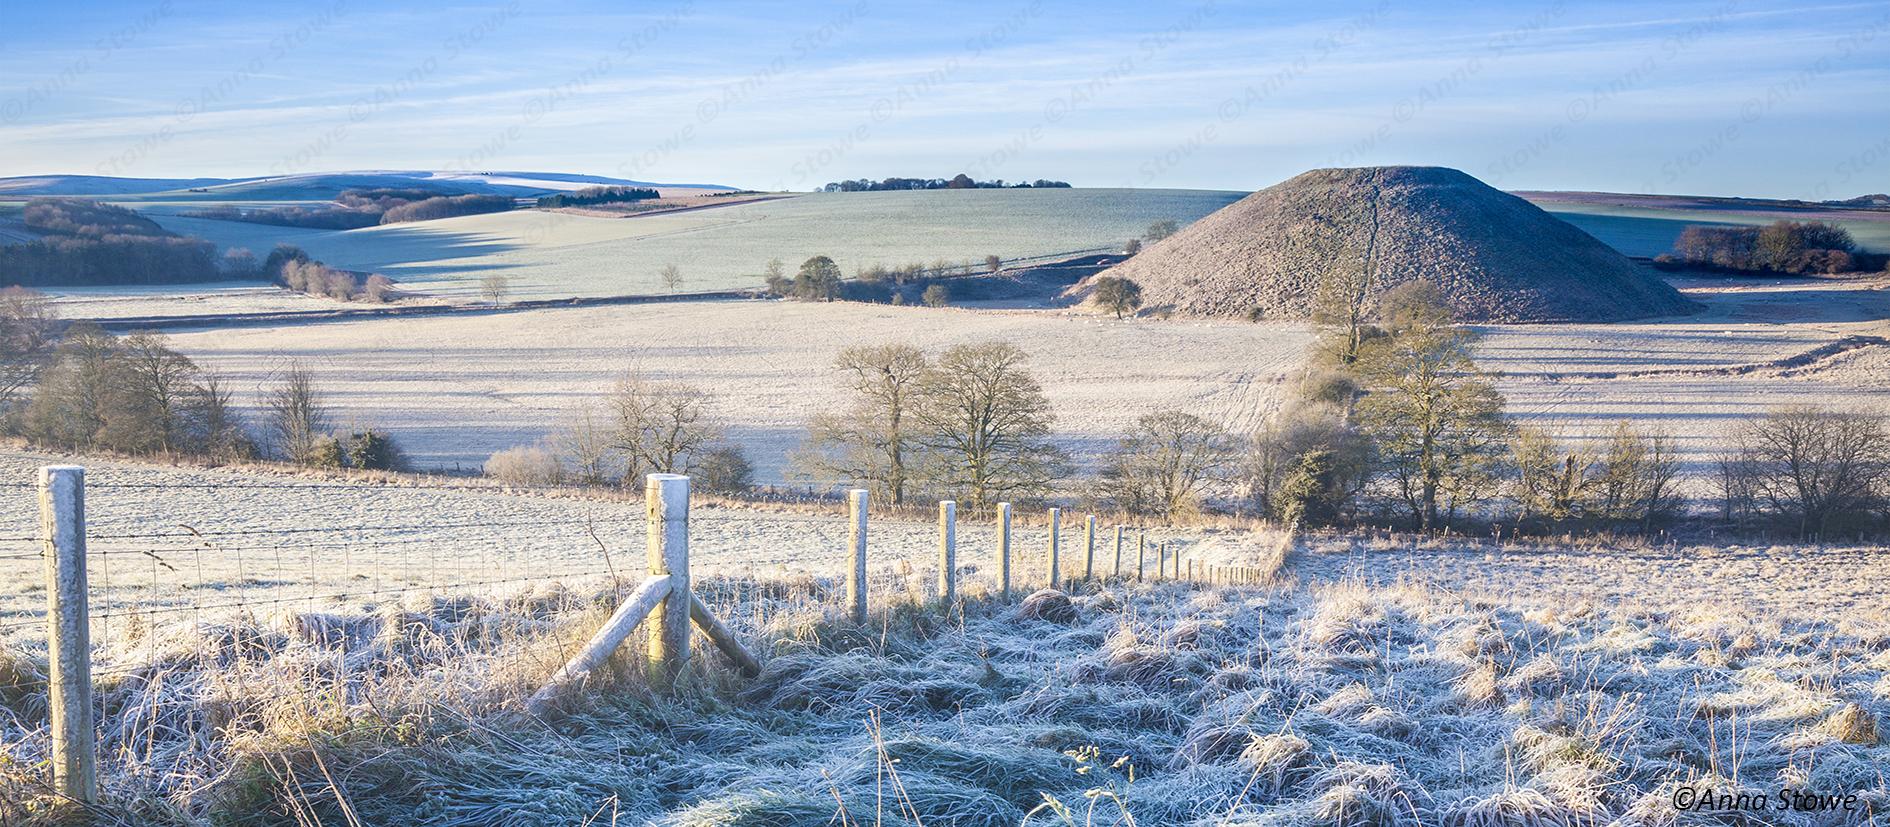 Wiltshire_Silbury Hill_December_Anna Sto